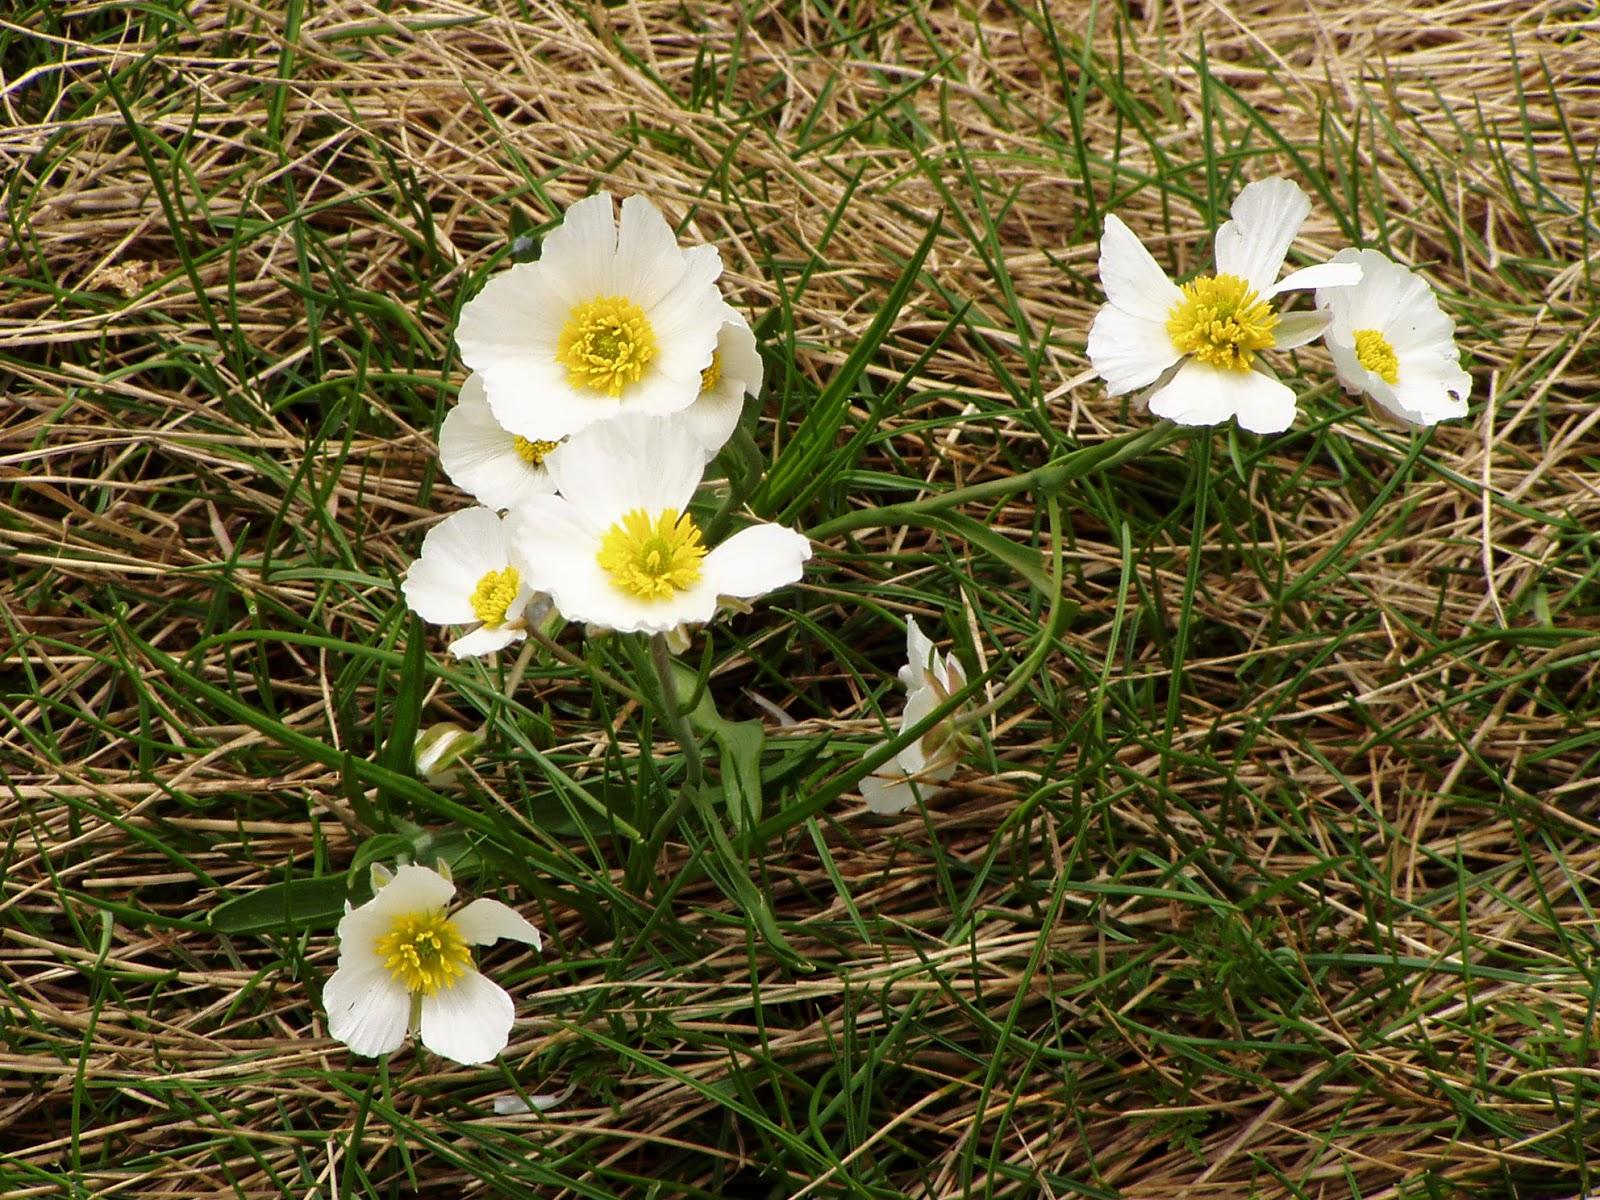 Les pyr n es photos randonn es paysages et rencontres flore de montagne fleurs blanches ou - Fleurs de montagne alpes ...